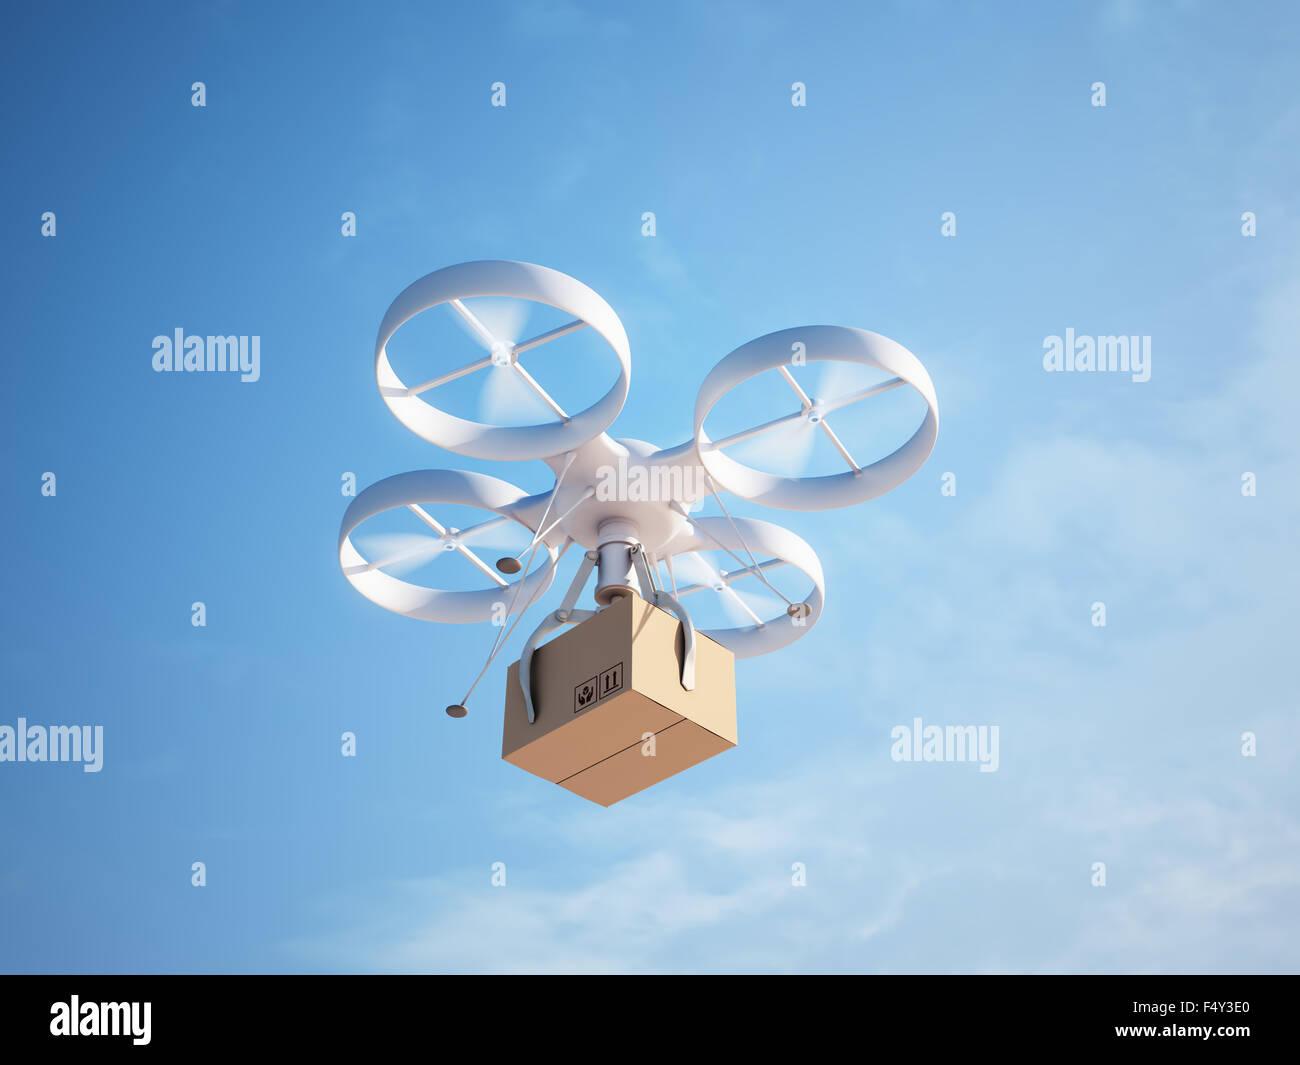 La prestation d'un drone - paquet logistique autonome Banque D'Images